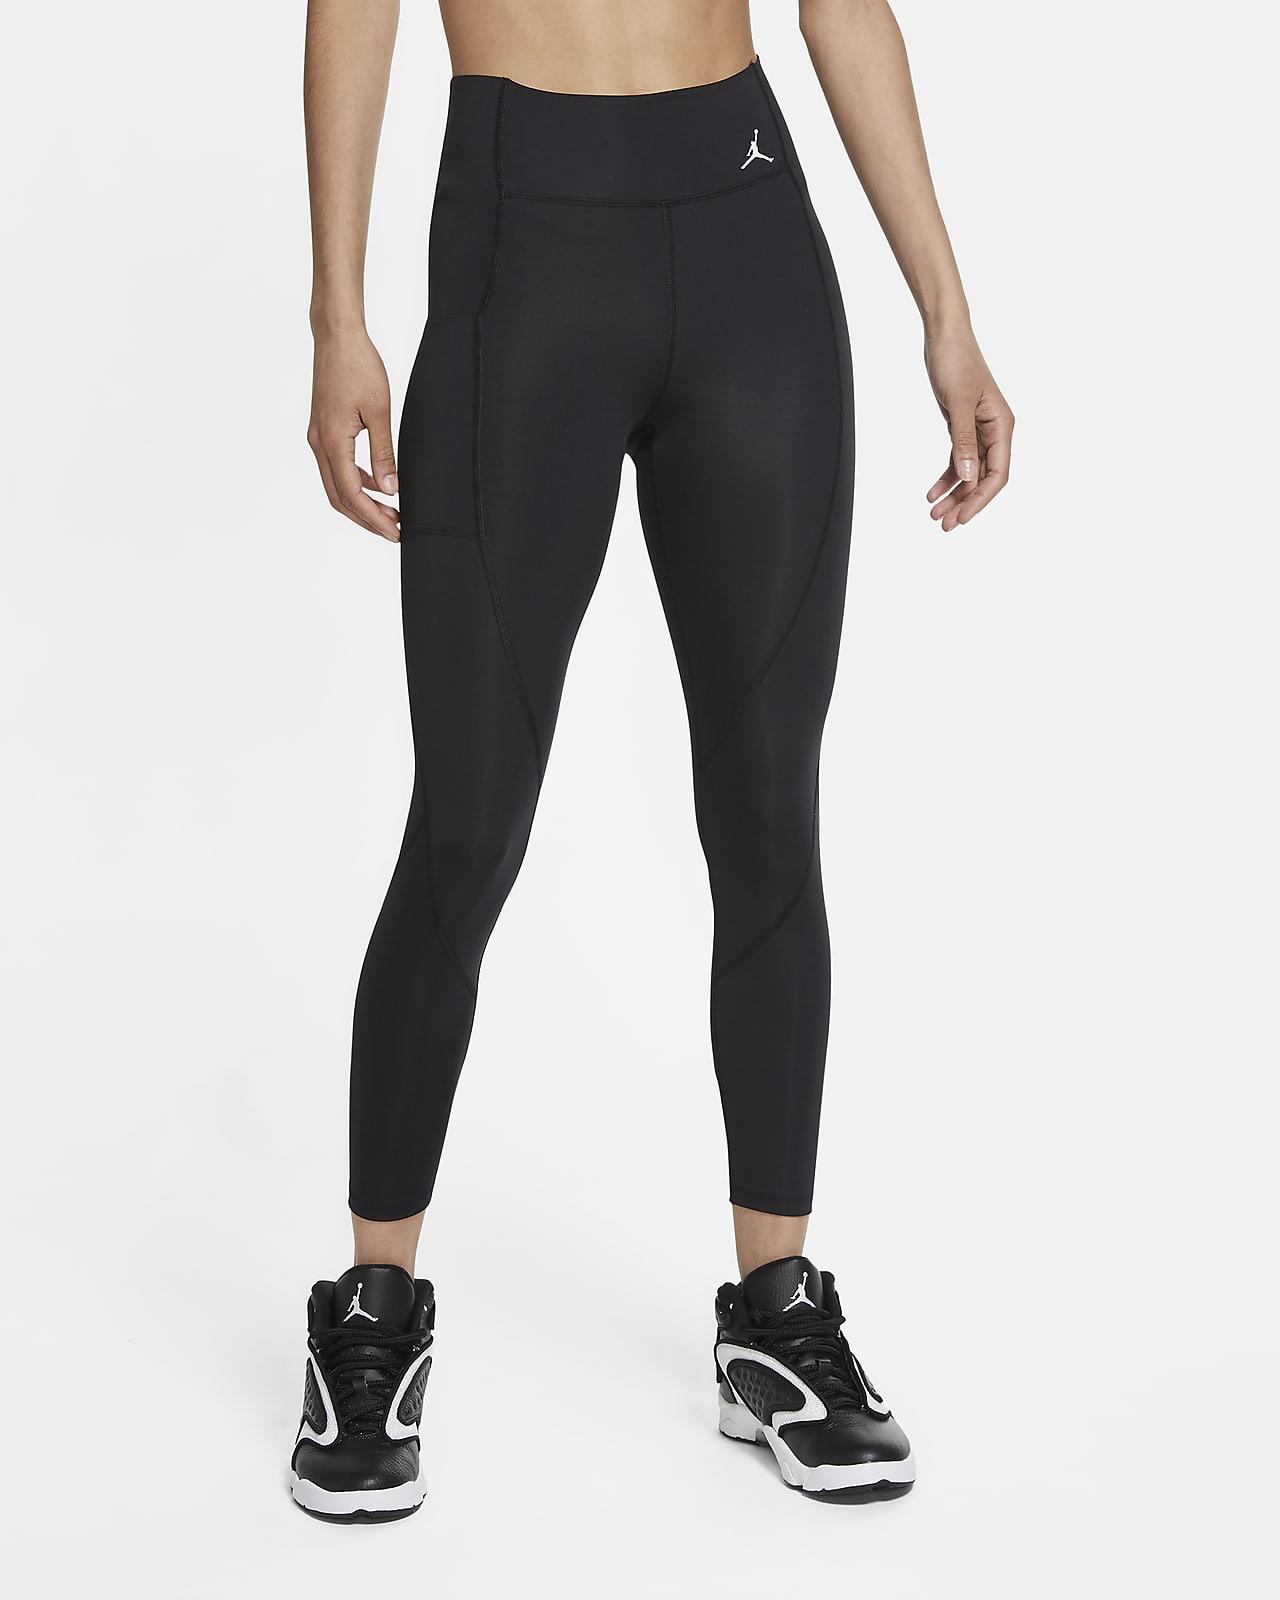 Jordan Essential 女款九分緊身褲